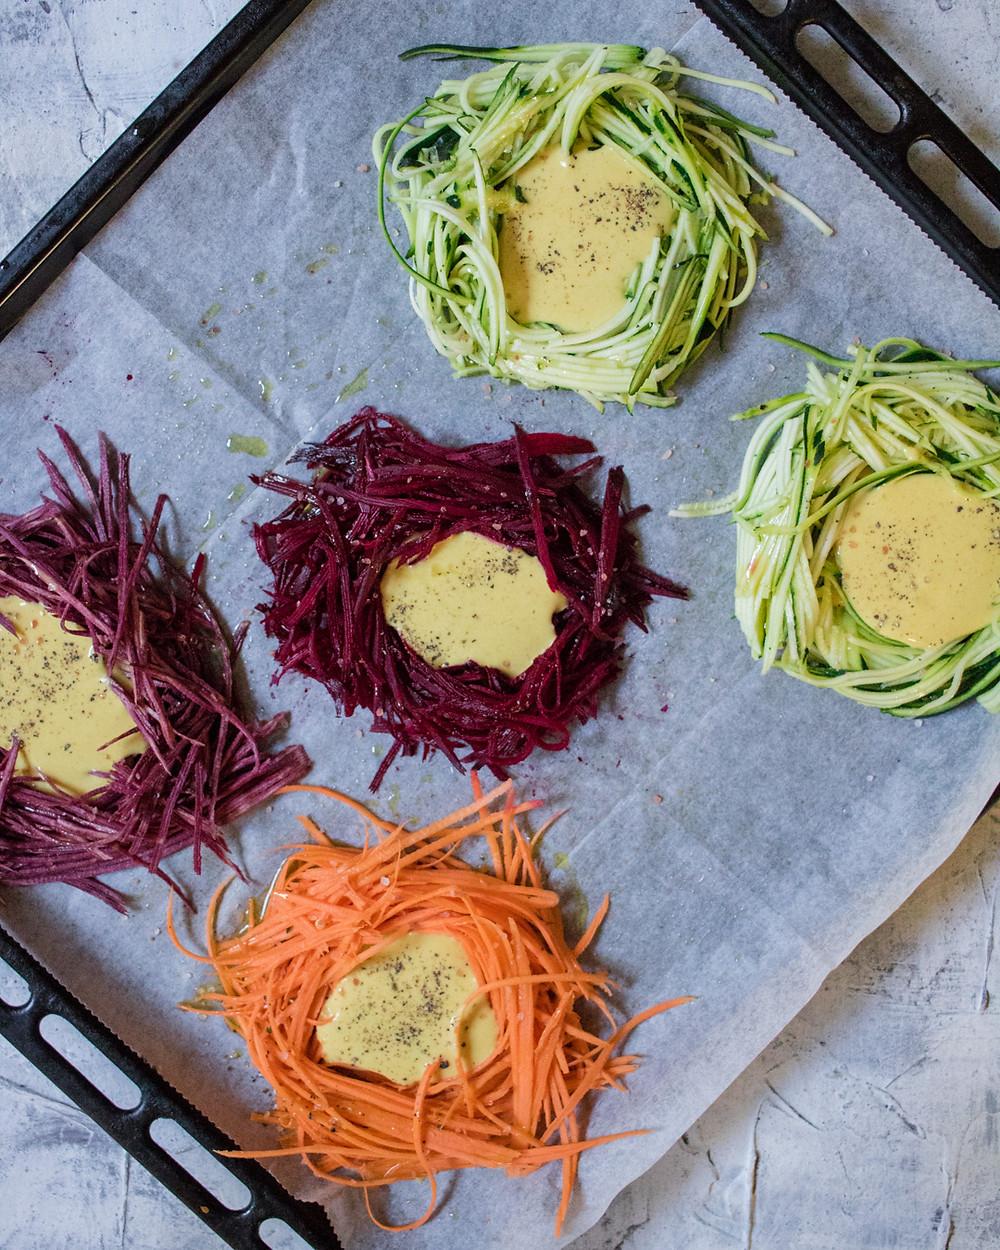 חביתת קמח חומוס טבעונית בתוך ירקות אפויים מנה טבעונית וללא גלוטן